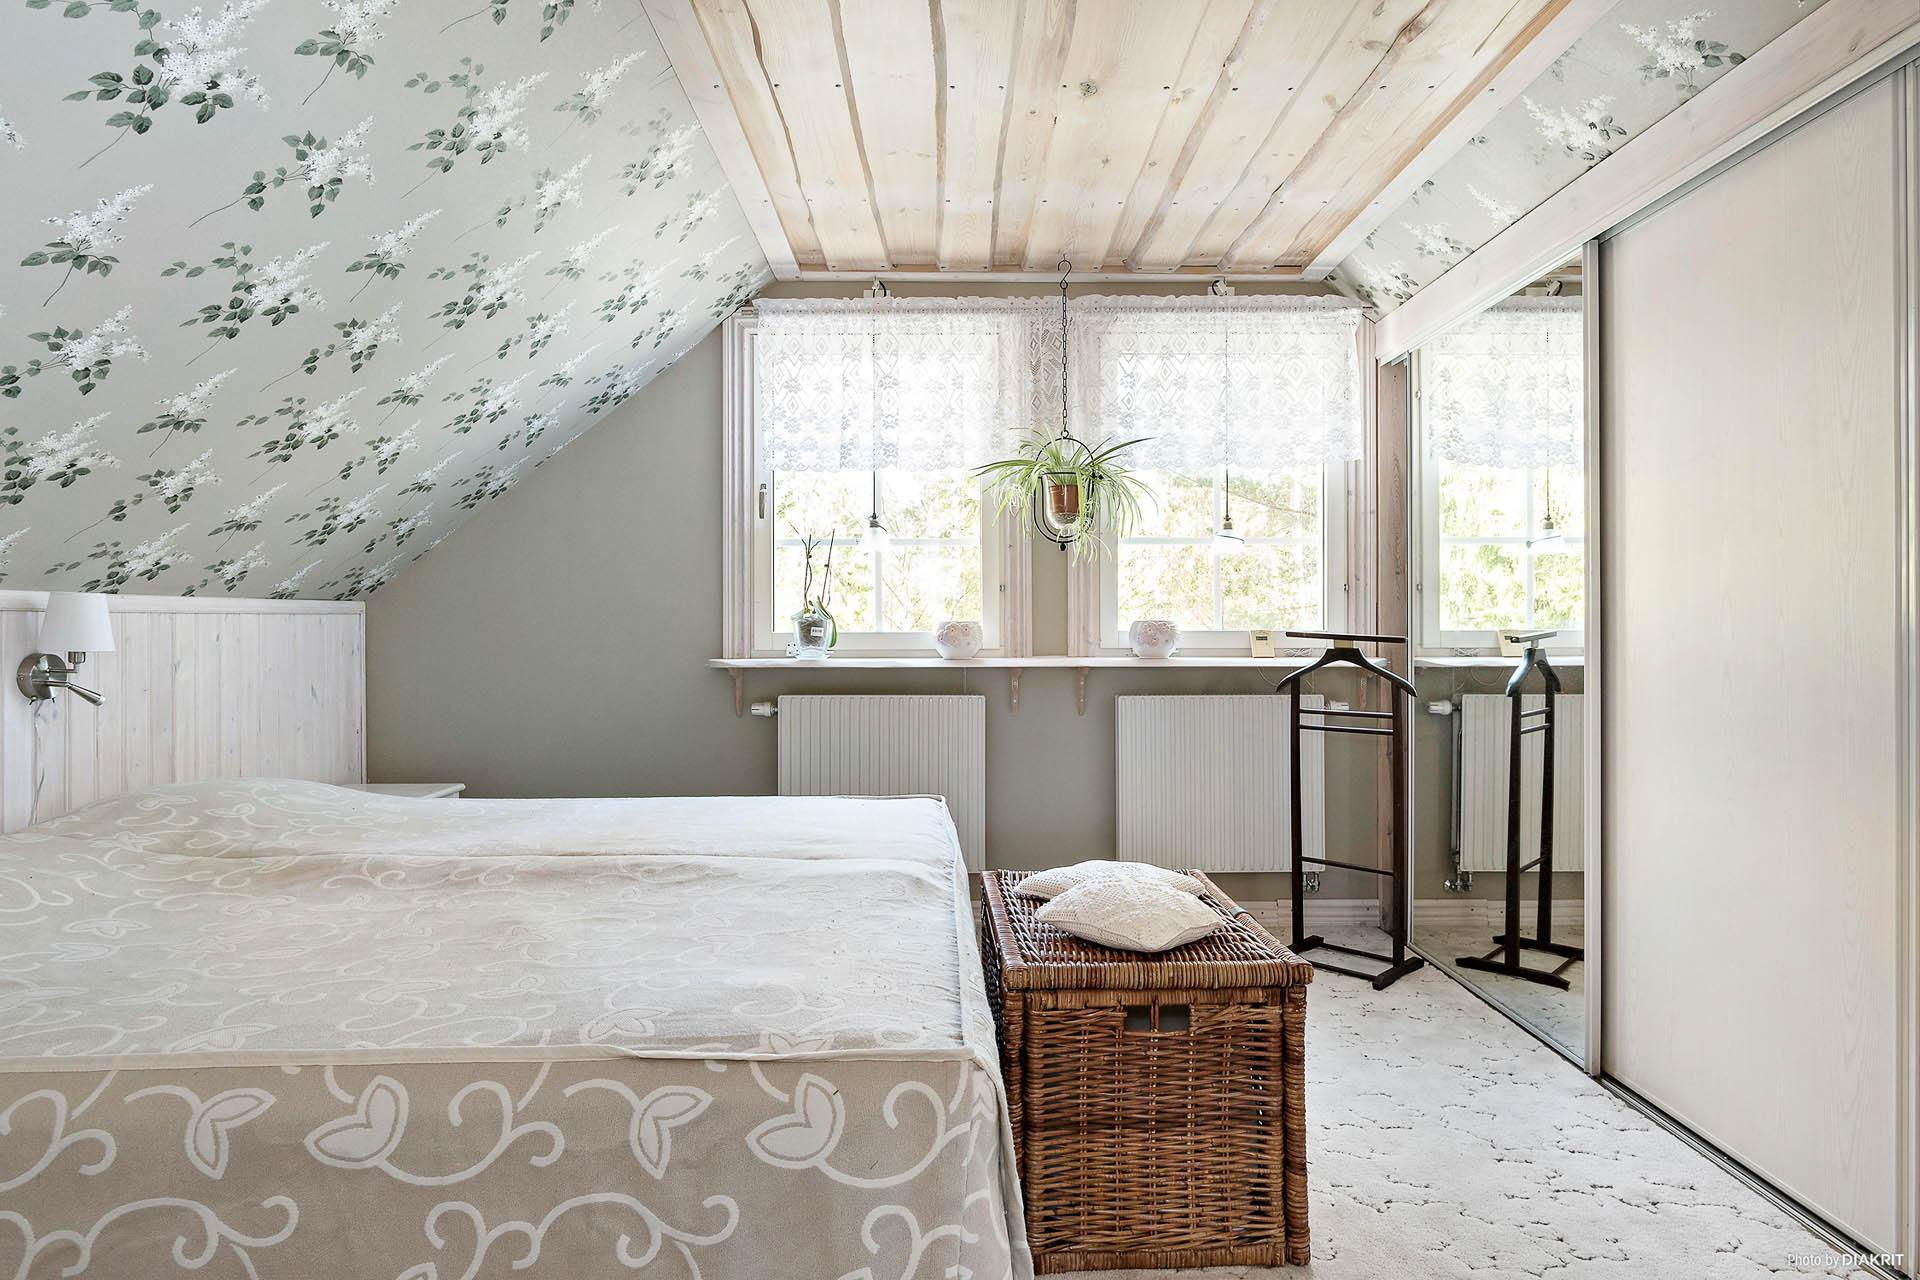 Sovrummet är stort och har en hel garderobsvägg bakom skjutdörrar